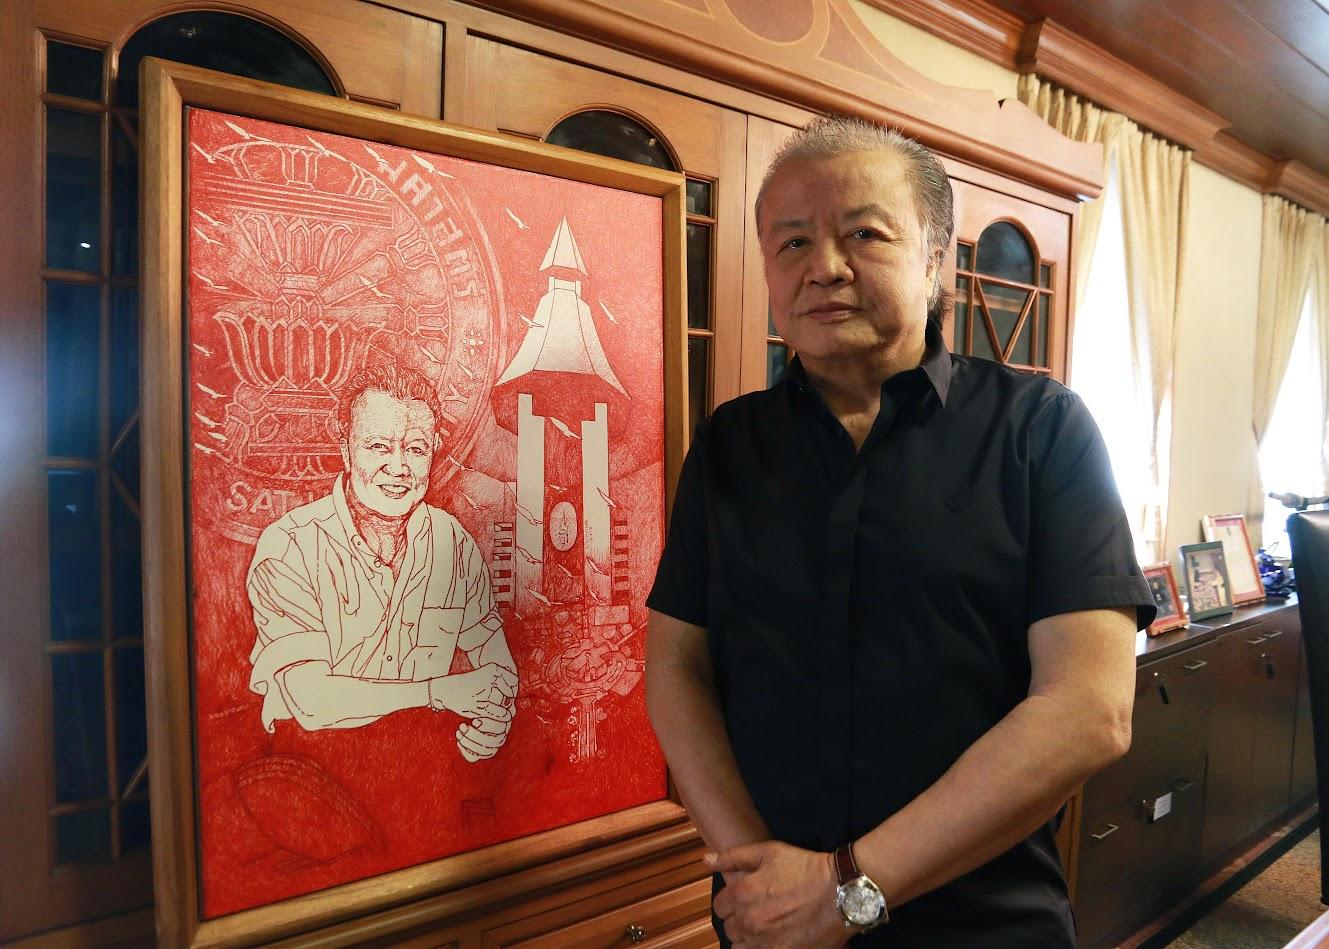 นายบุญชู ตรีทอง อดีตรัฐมนตรีว่าการทบวงมหาวิทยาลัย และอดีตสมาชิกสภาผู้แทนราษฎร จังหวัดลำปาง